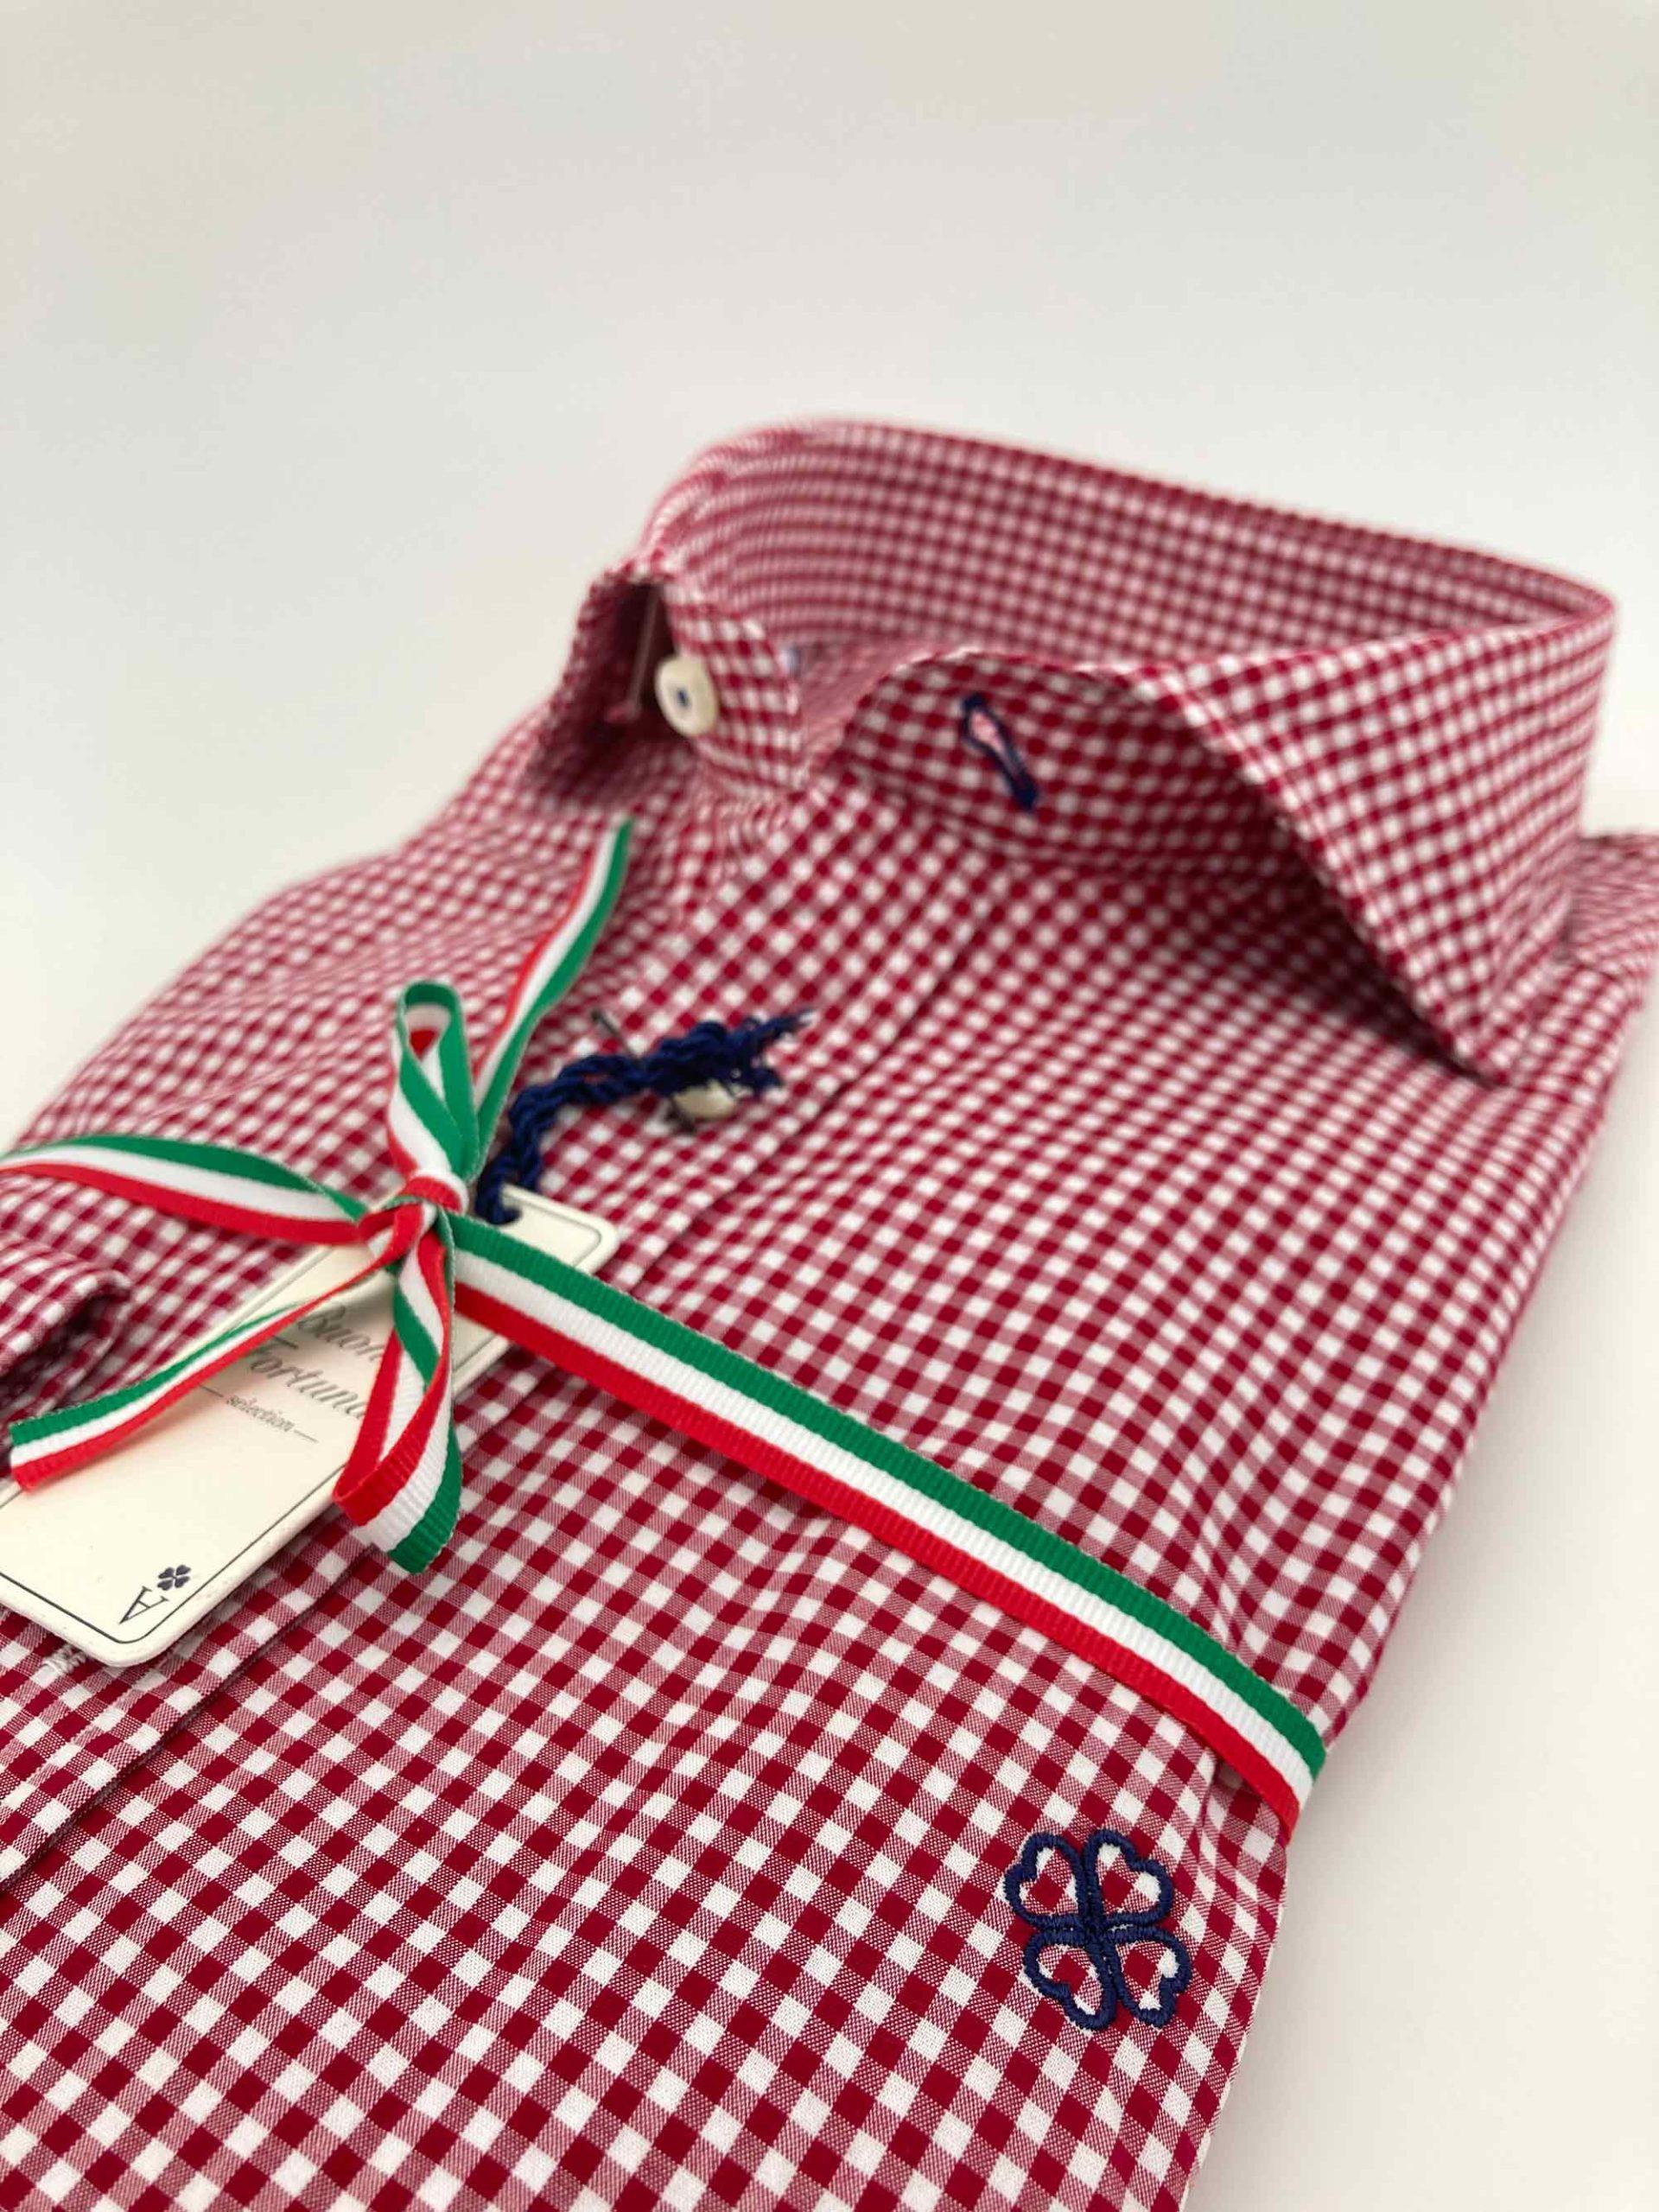 camisas buona fortuna comprar online camisas italianas exlusivas vichy rojo